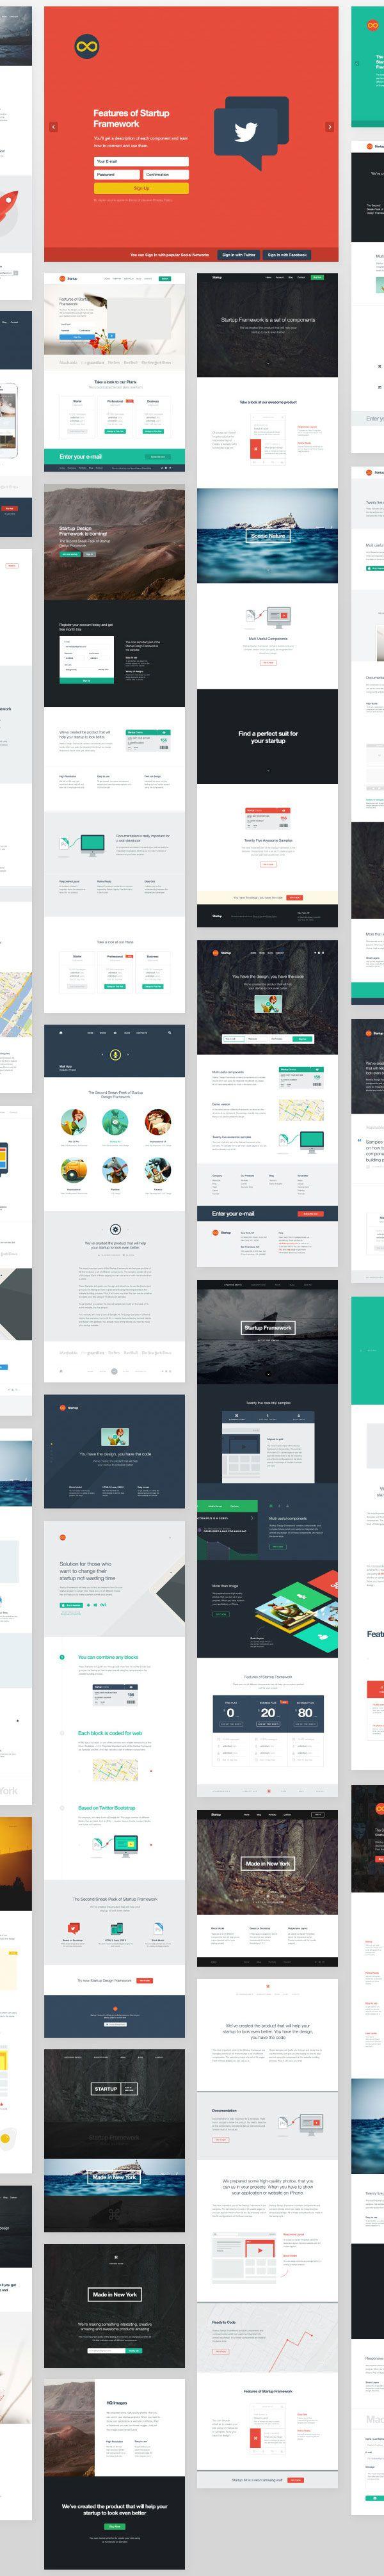 Startup Design Framework - Backstage